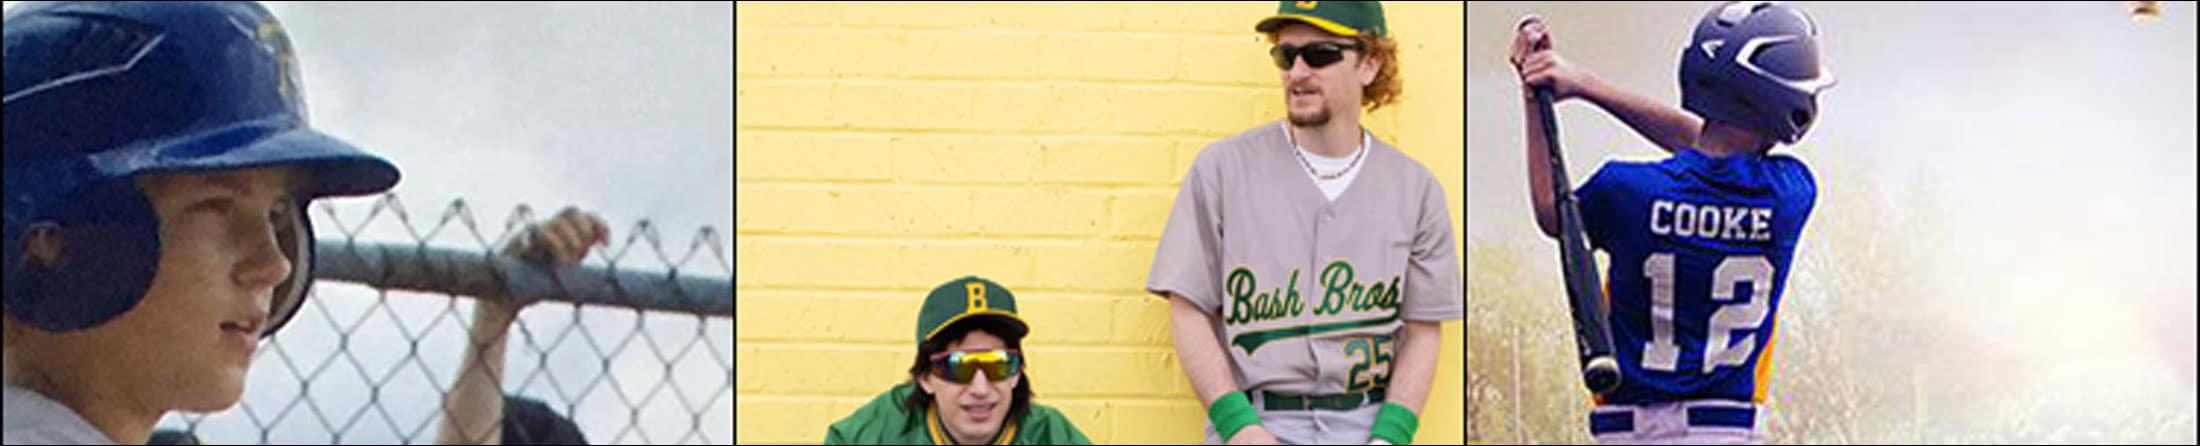 Top 10 Baseball Movies of 2019 header